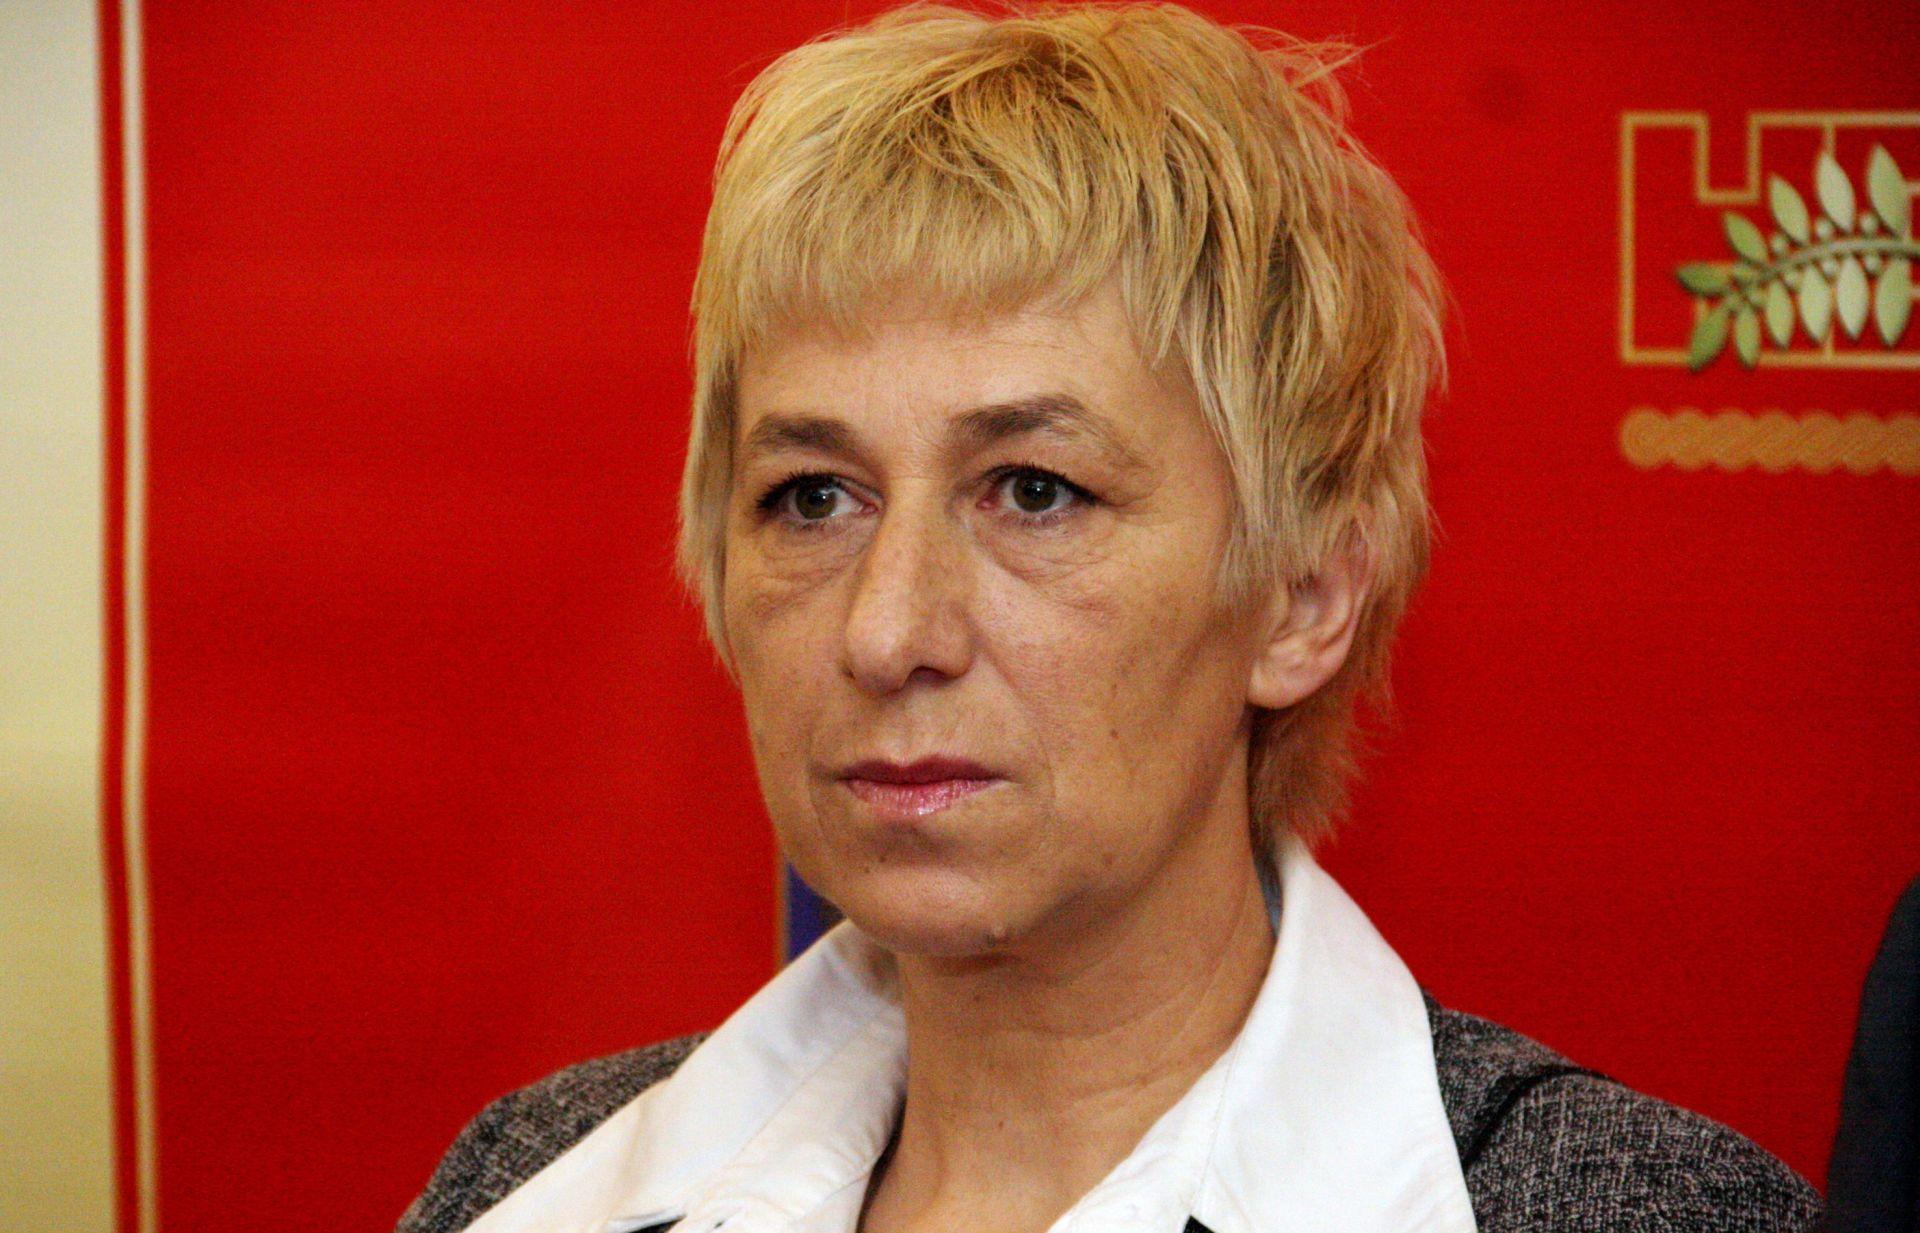 Željko Glasnović zaradio i drugu kaznenu prijavu